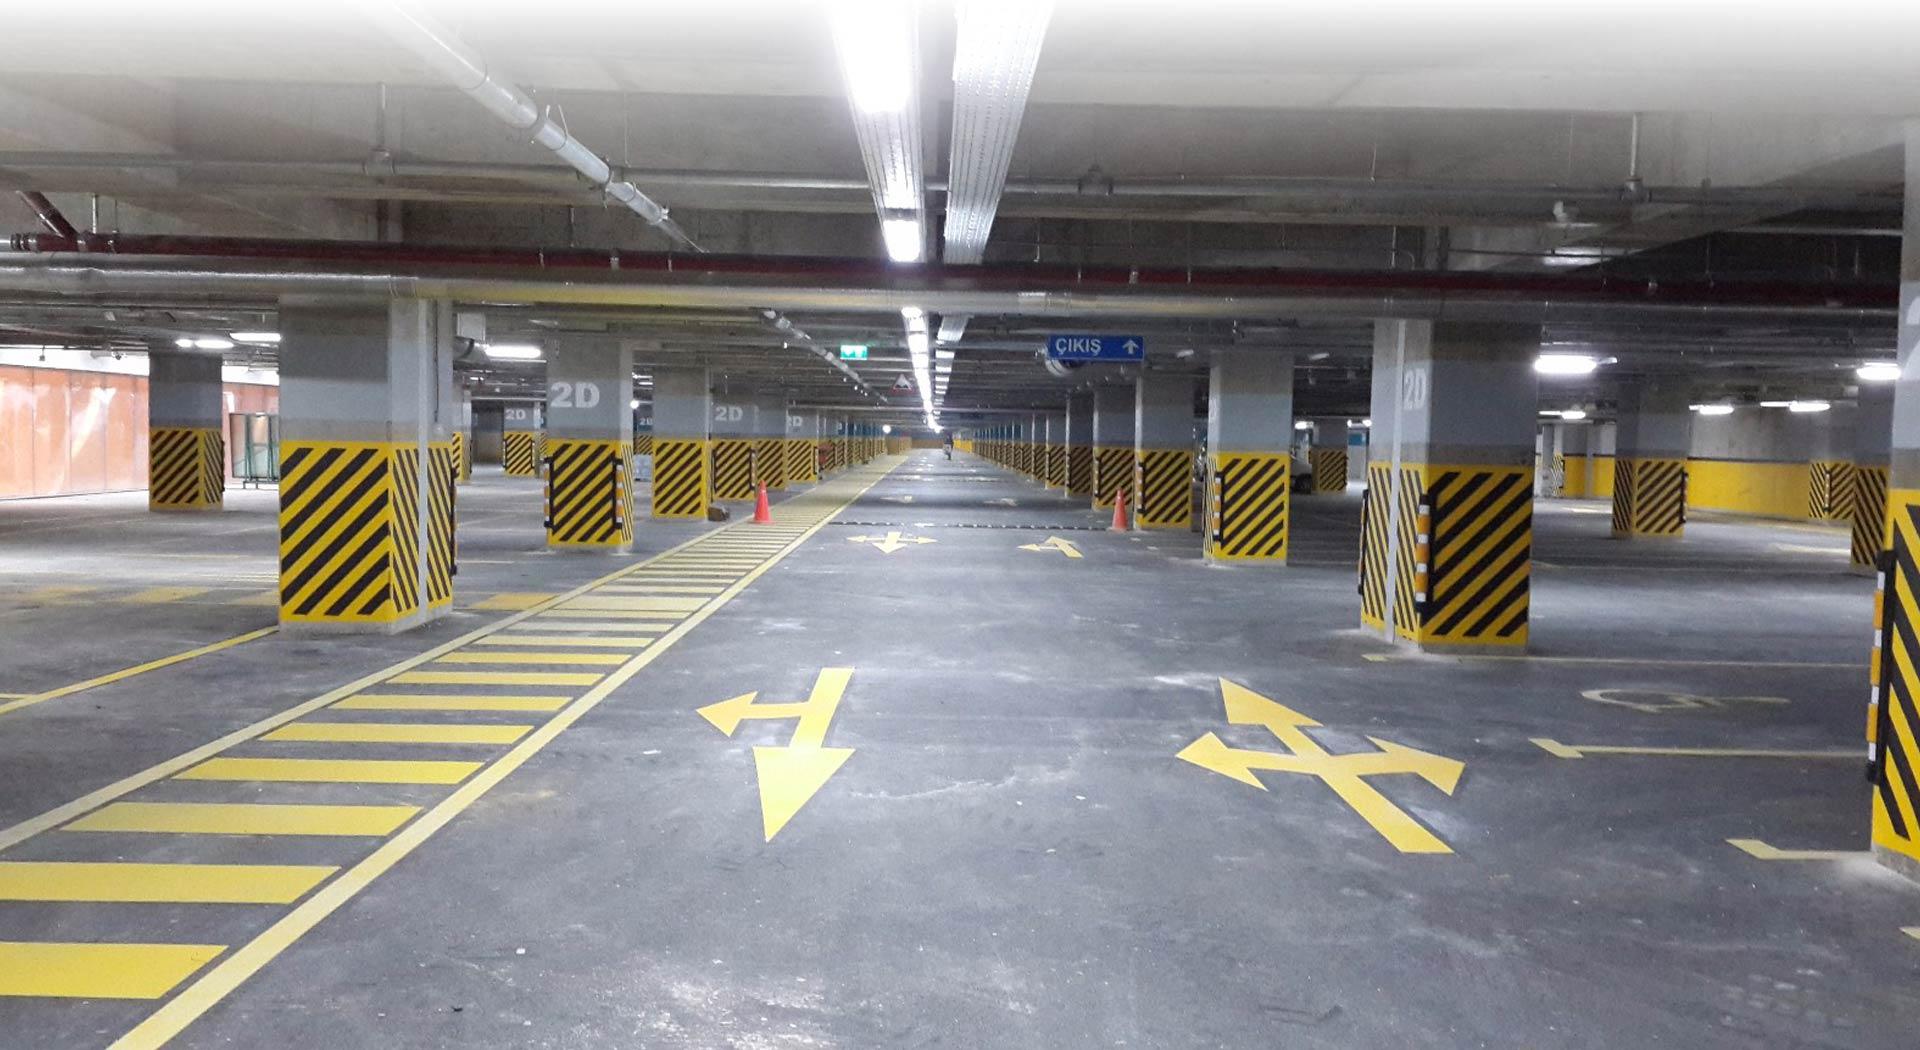 Çizgi Merkezi - Fabrika Yol Çizgileri